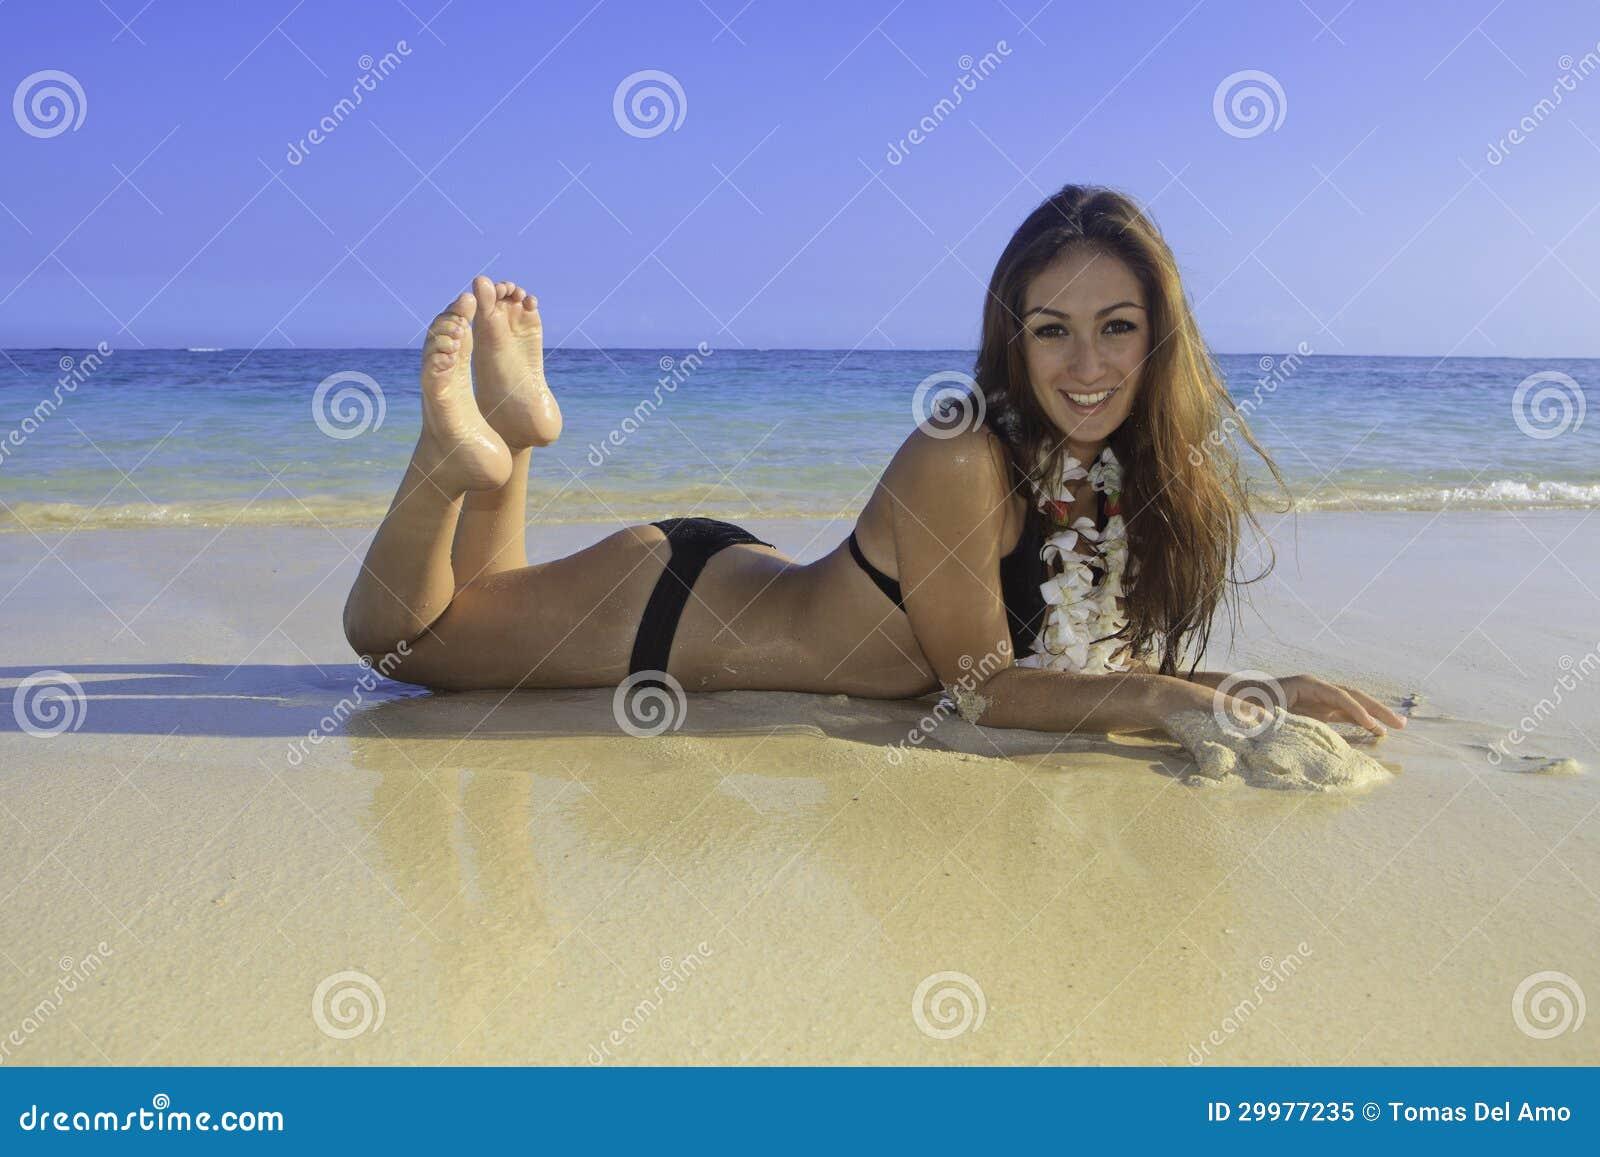 adolescente en bikini - sexesodomiegratuitfreefr